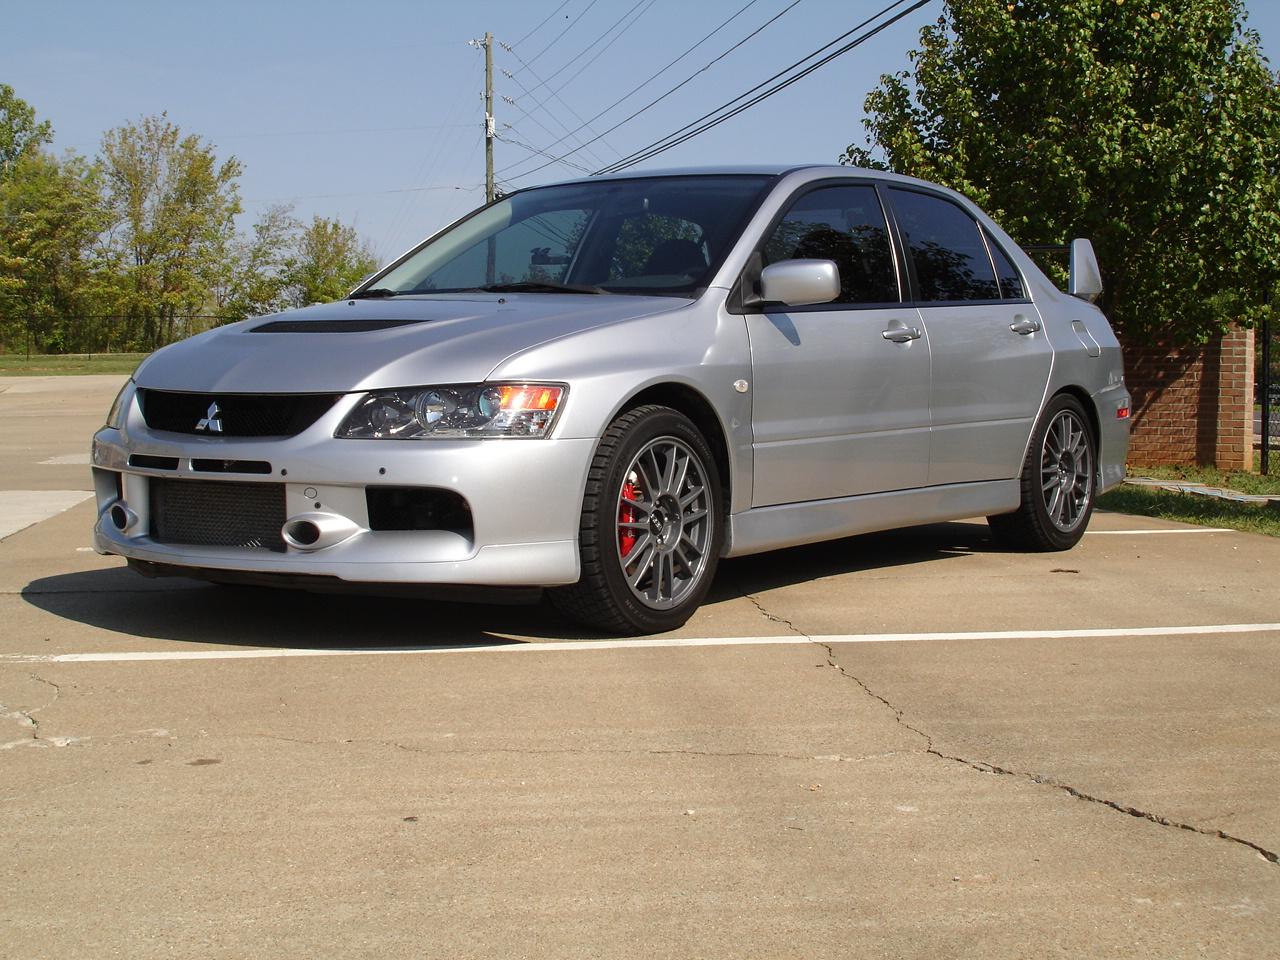 2006 Mitsubishi Lancer Evolution Pictures Cargurus